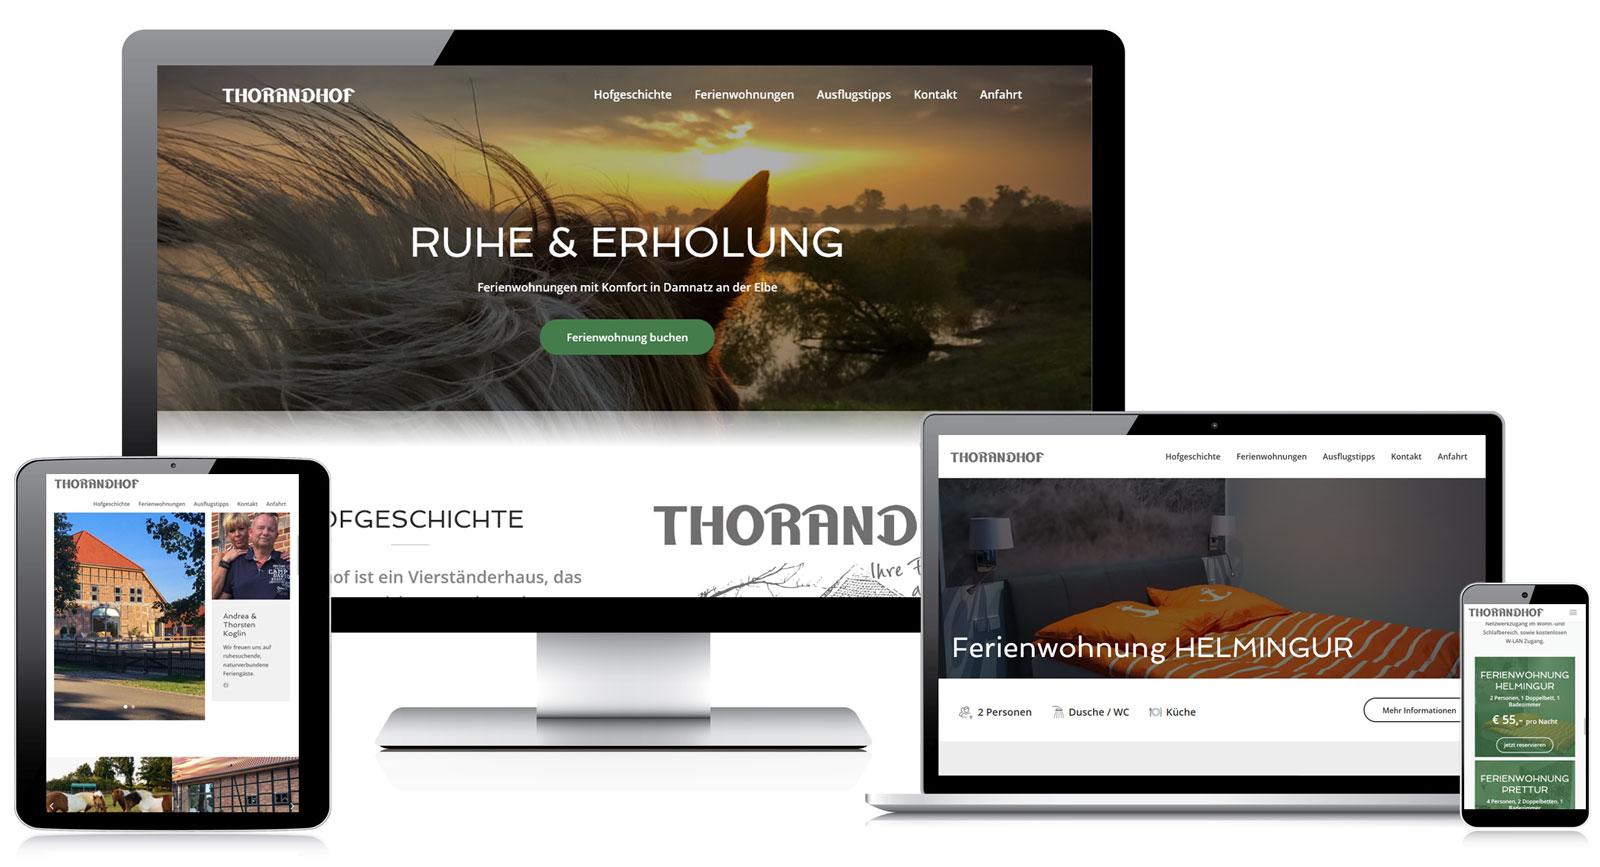 Webdesign Referenzen Fox Medien - Lüchow-Dannenberg